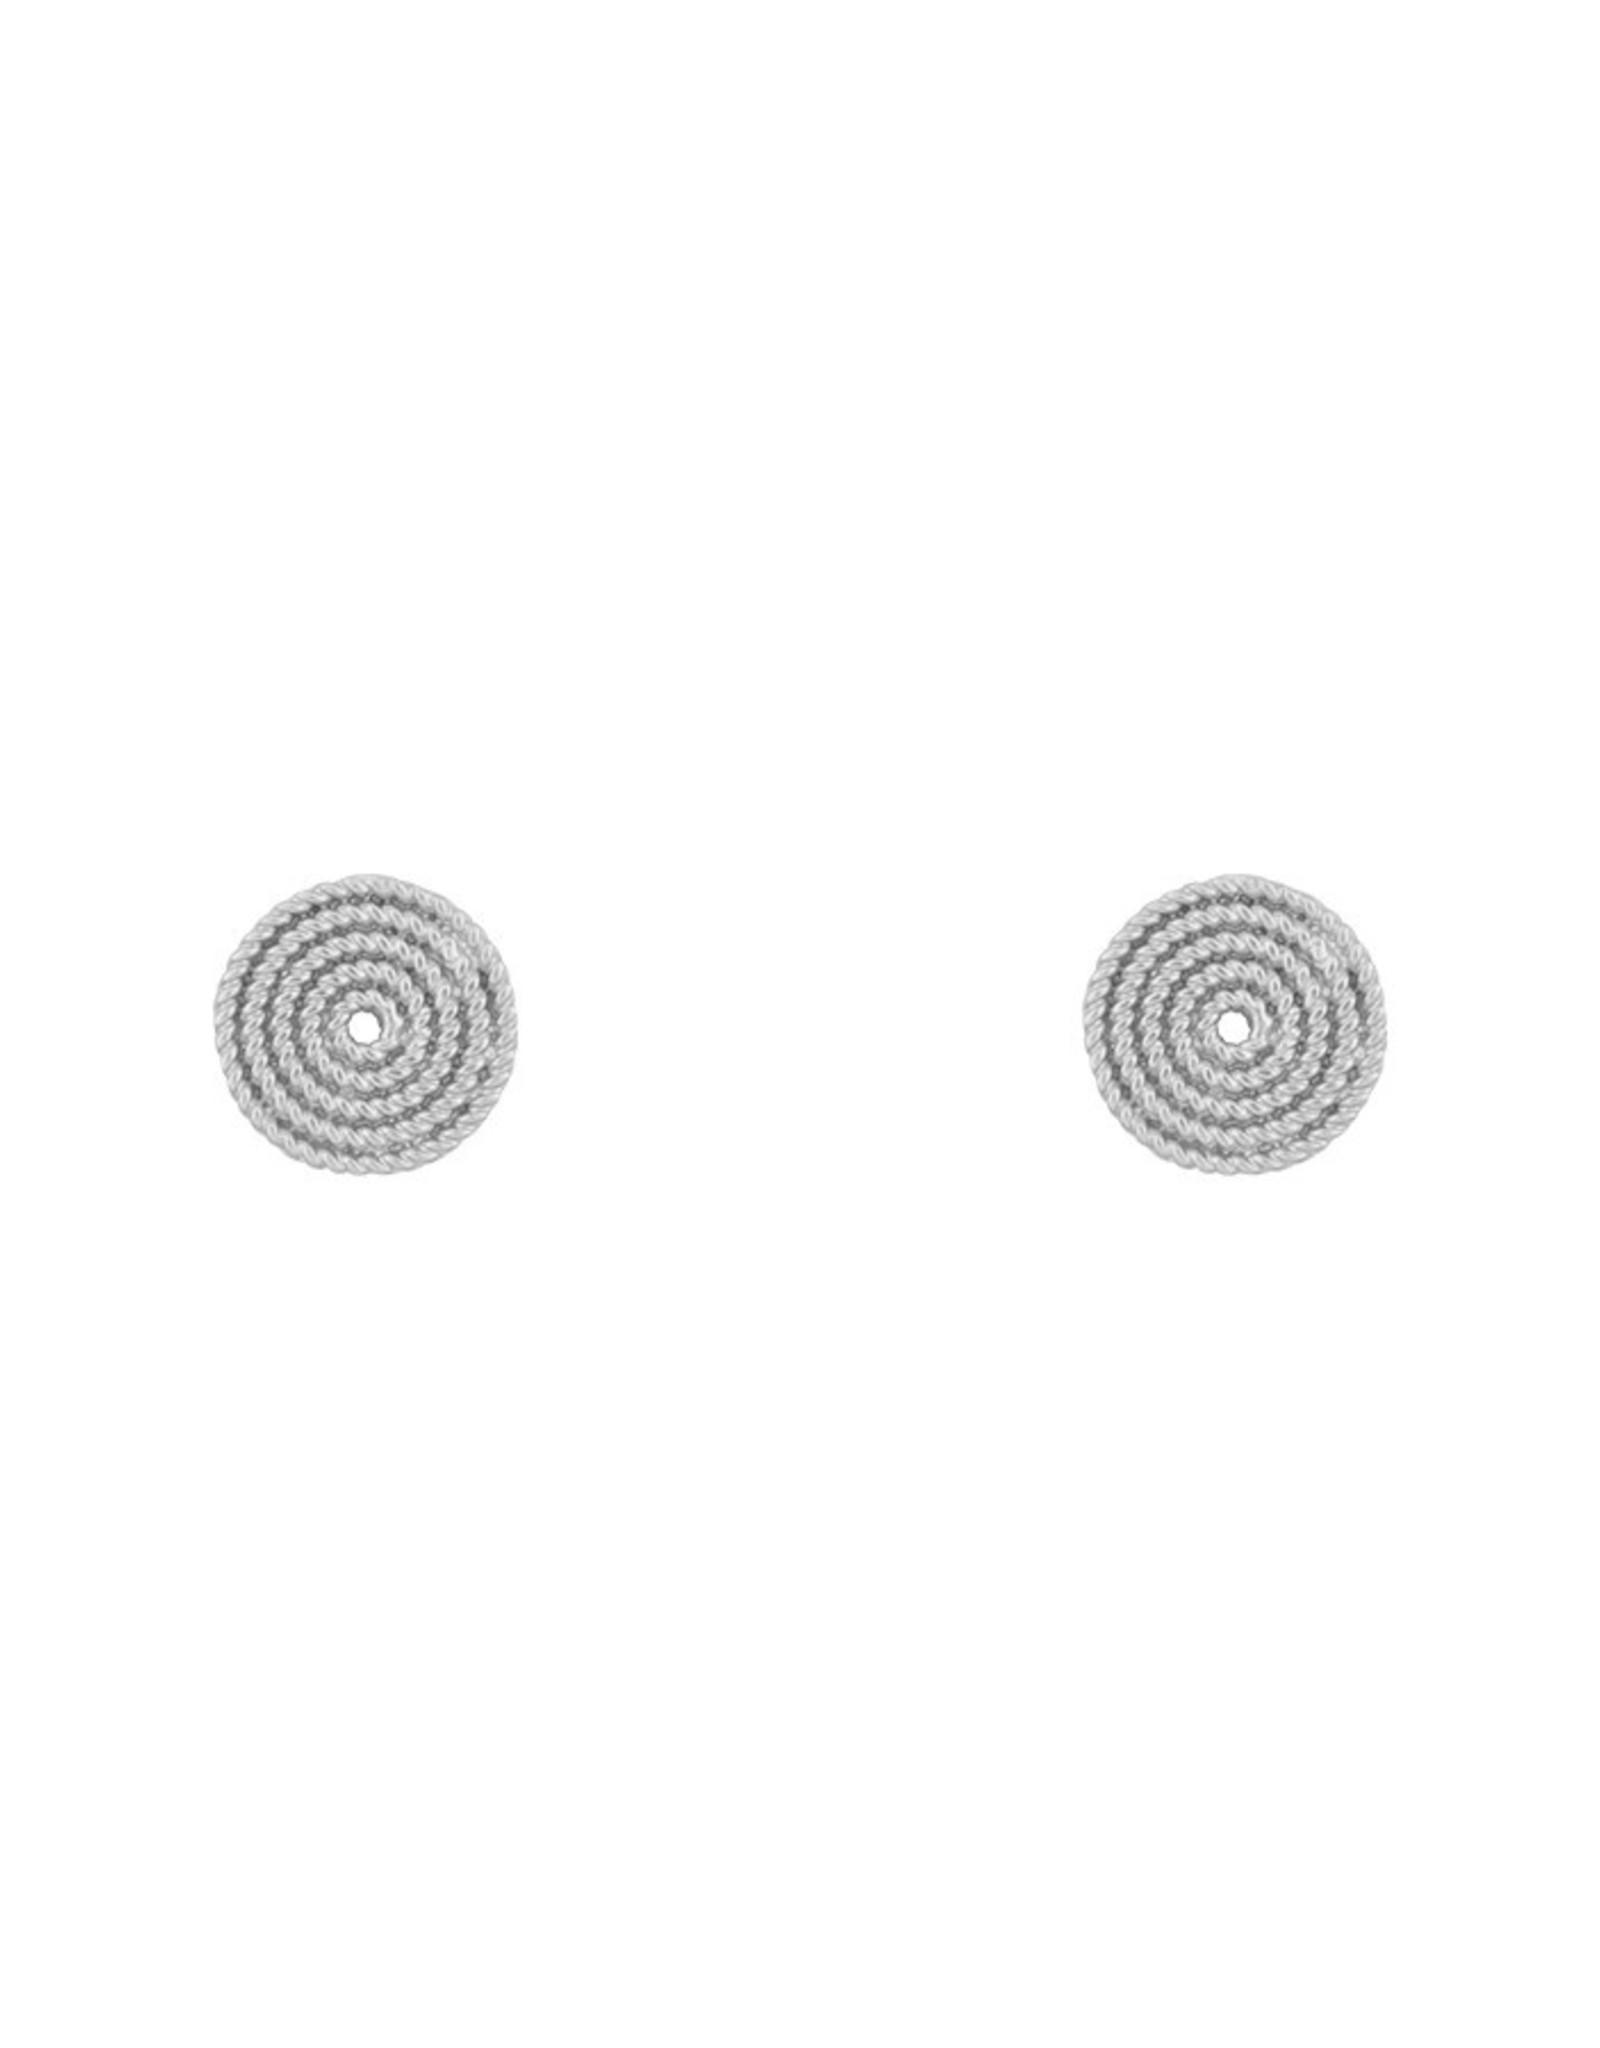 Lost & Faune Boucles d'oreilles - Ronds cordes